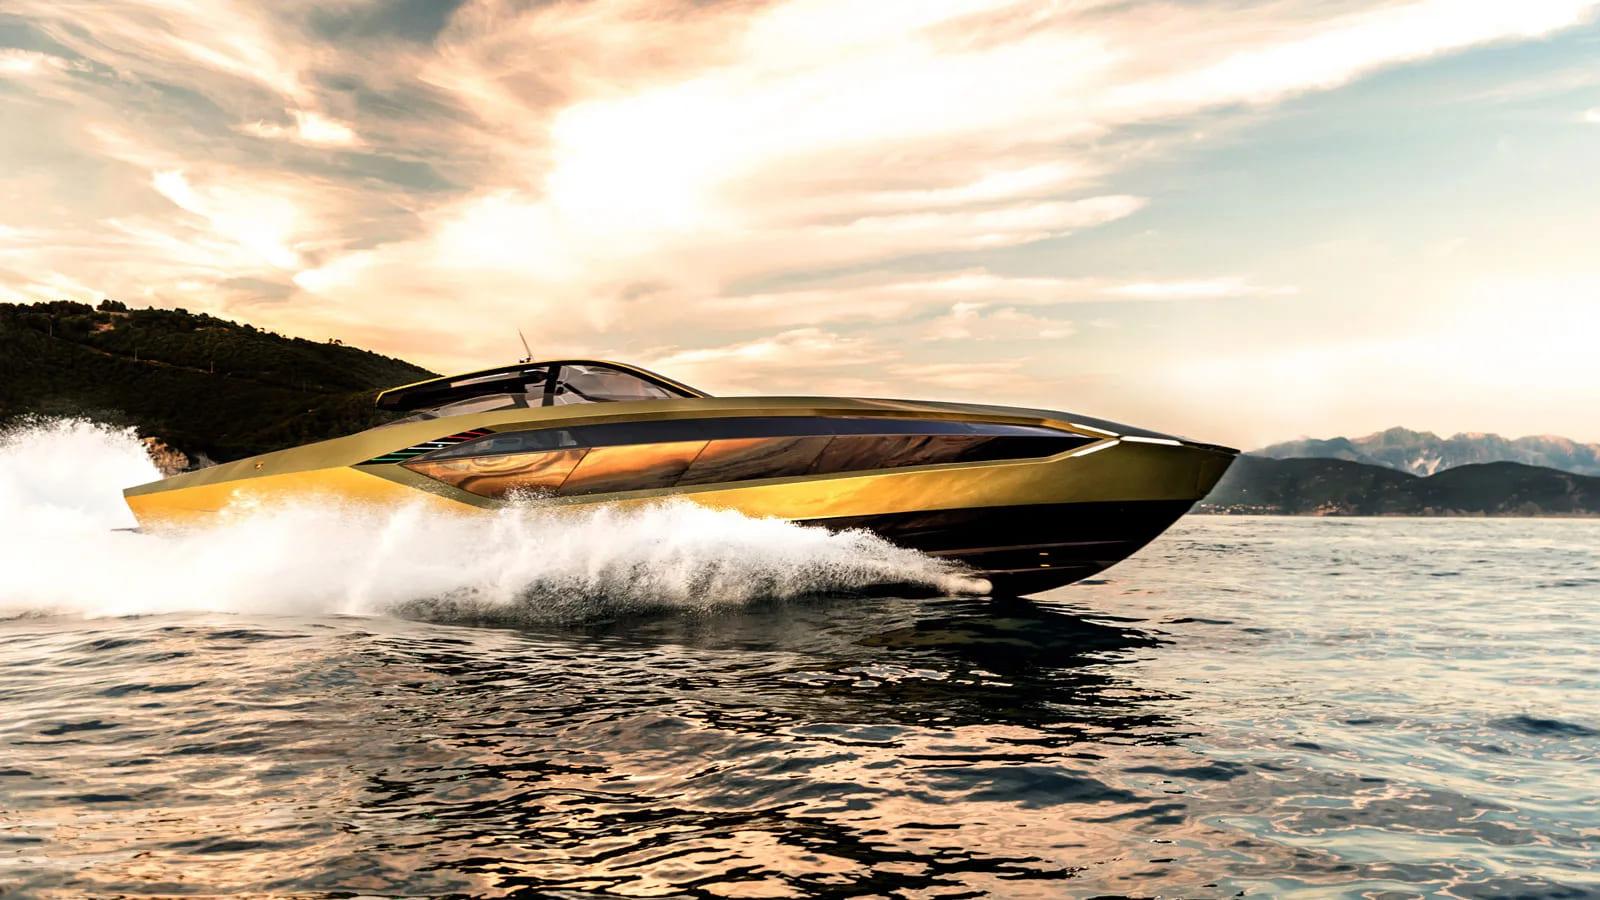 Tecnomar for Lamborghini 63 - boat shopping